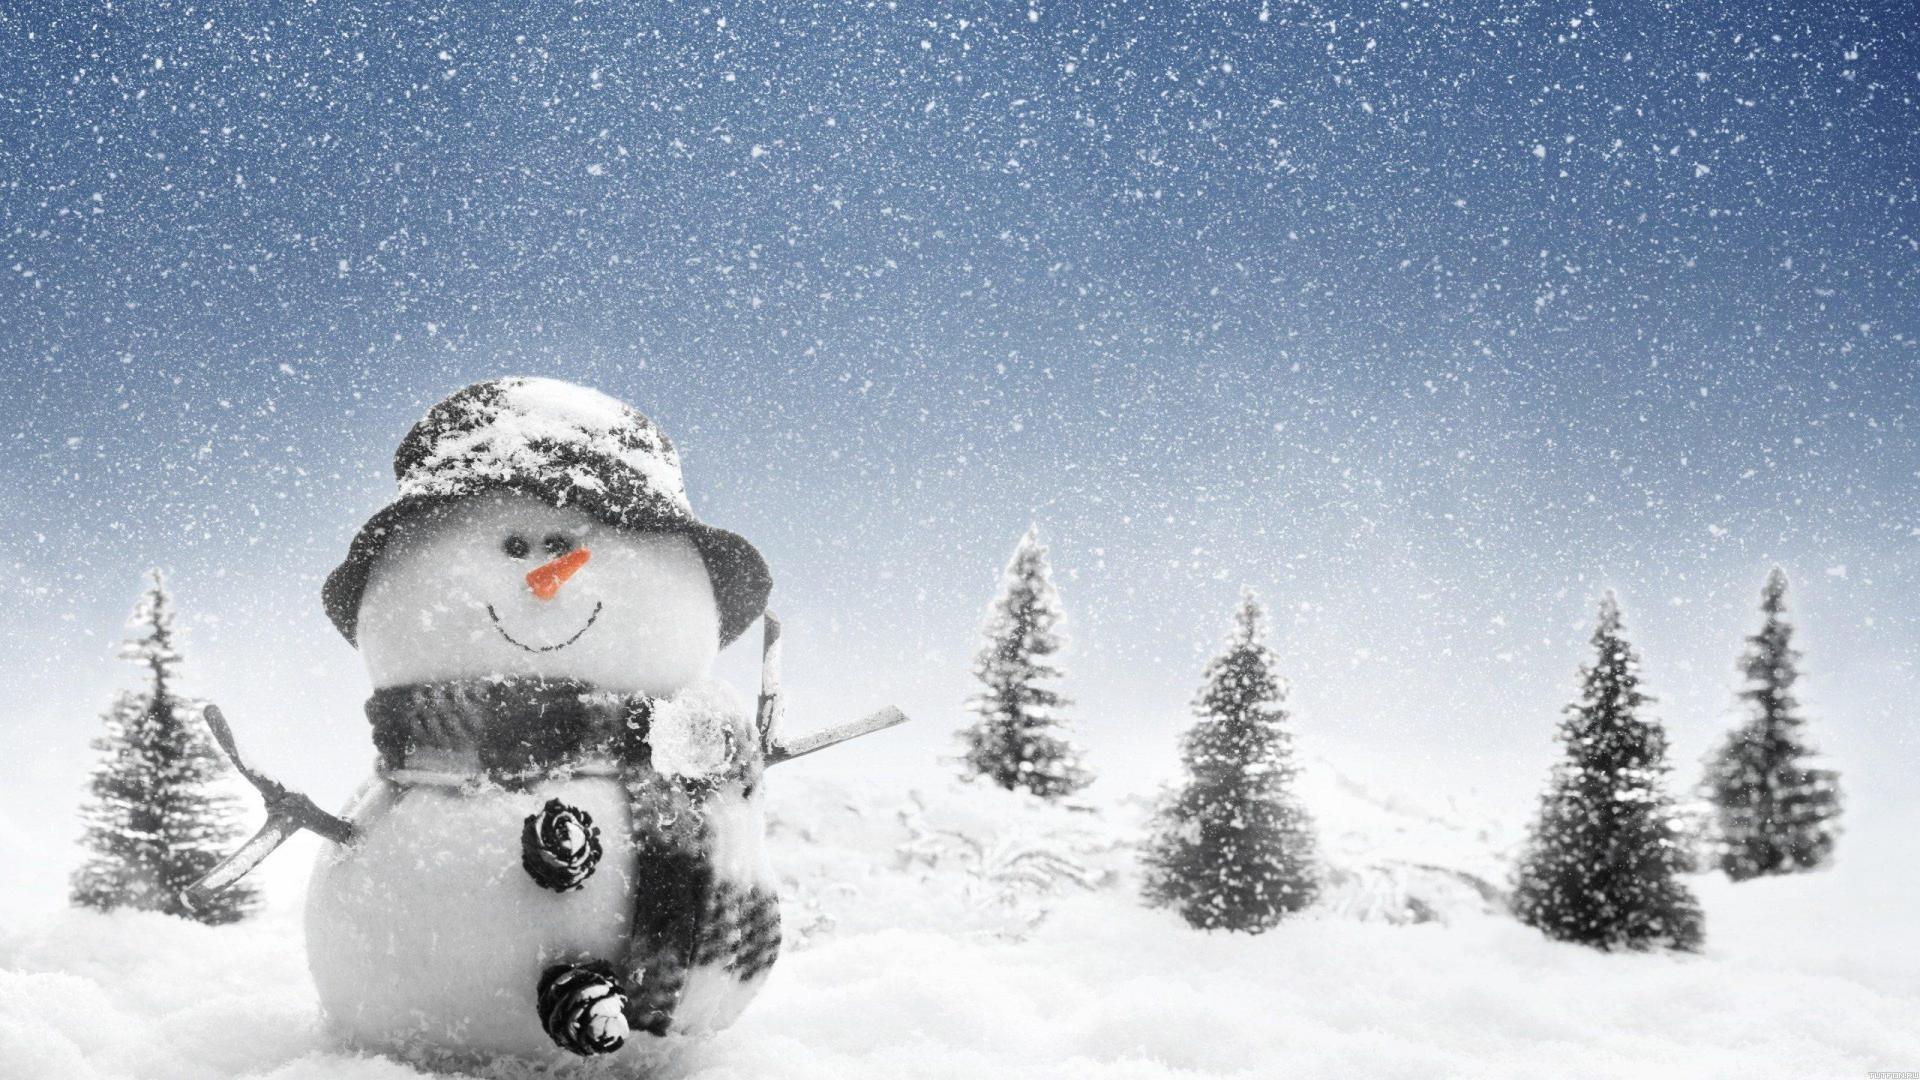 скачать обои для рабочего стола высокого качества бесплатно зима